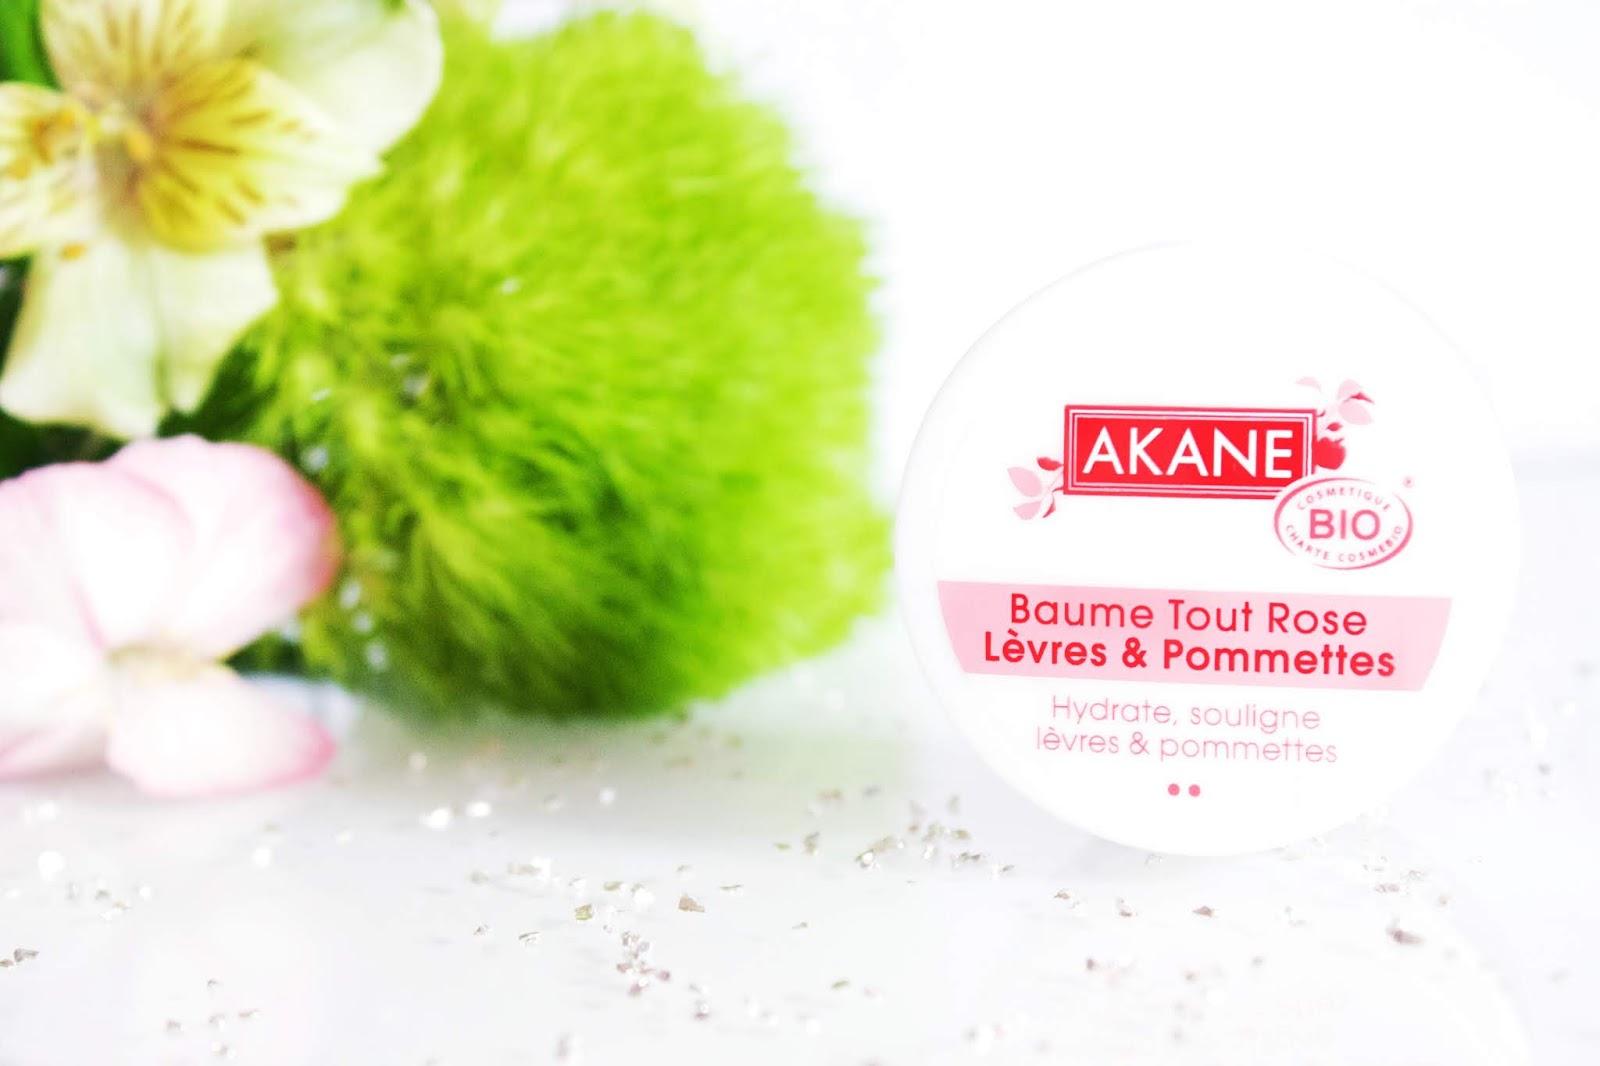 Baume-Tout-Rose-Levres-Pommettes-Akane